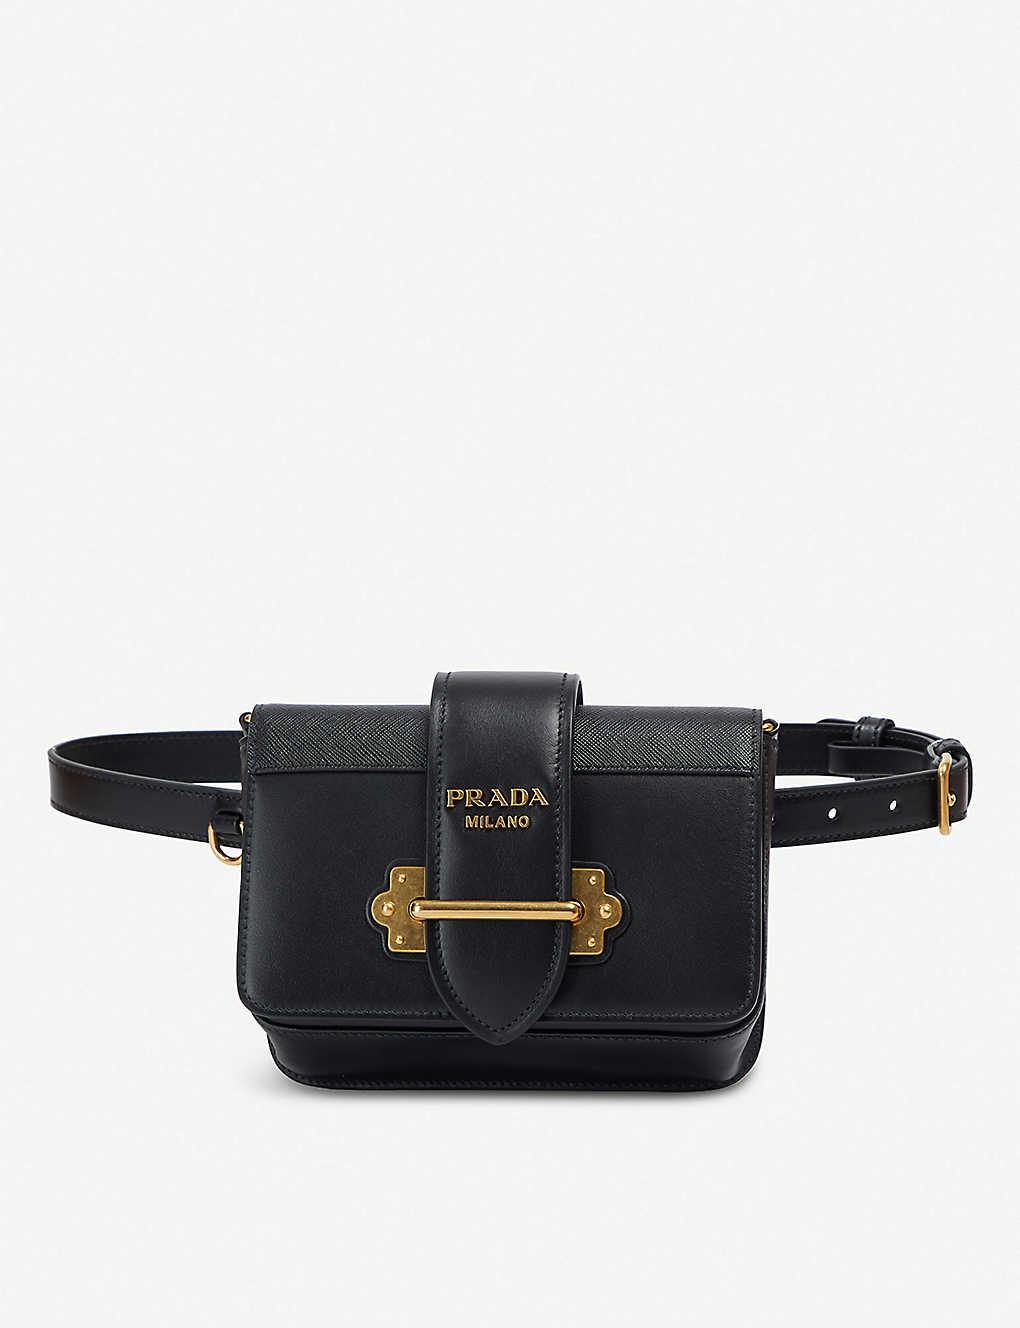 34749fed2dbd PRADA - Cahier logo-plaque leather belt bag | Selfridges.com